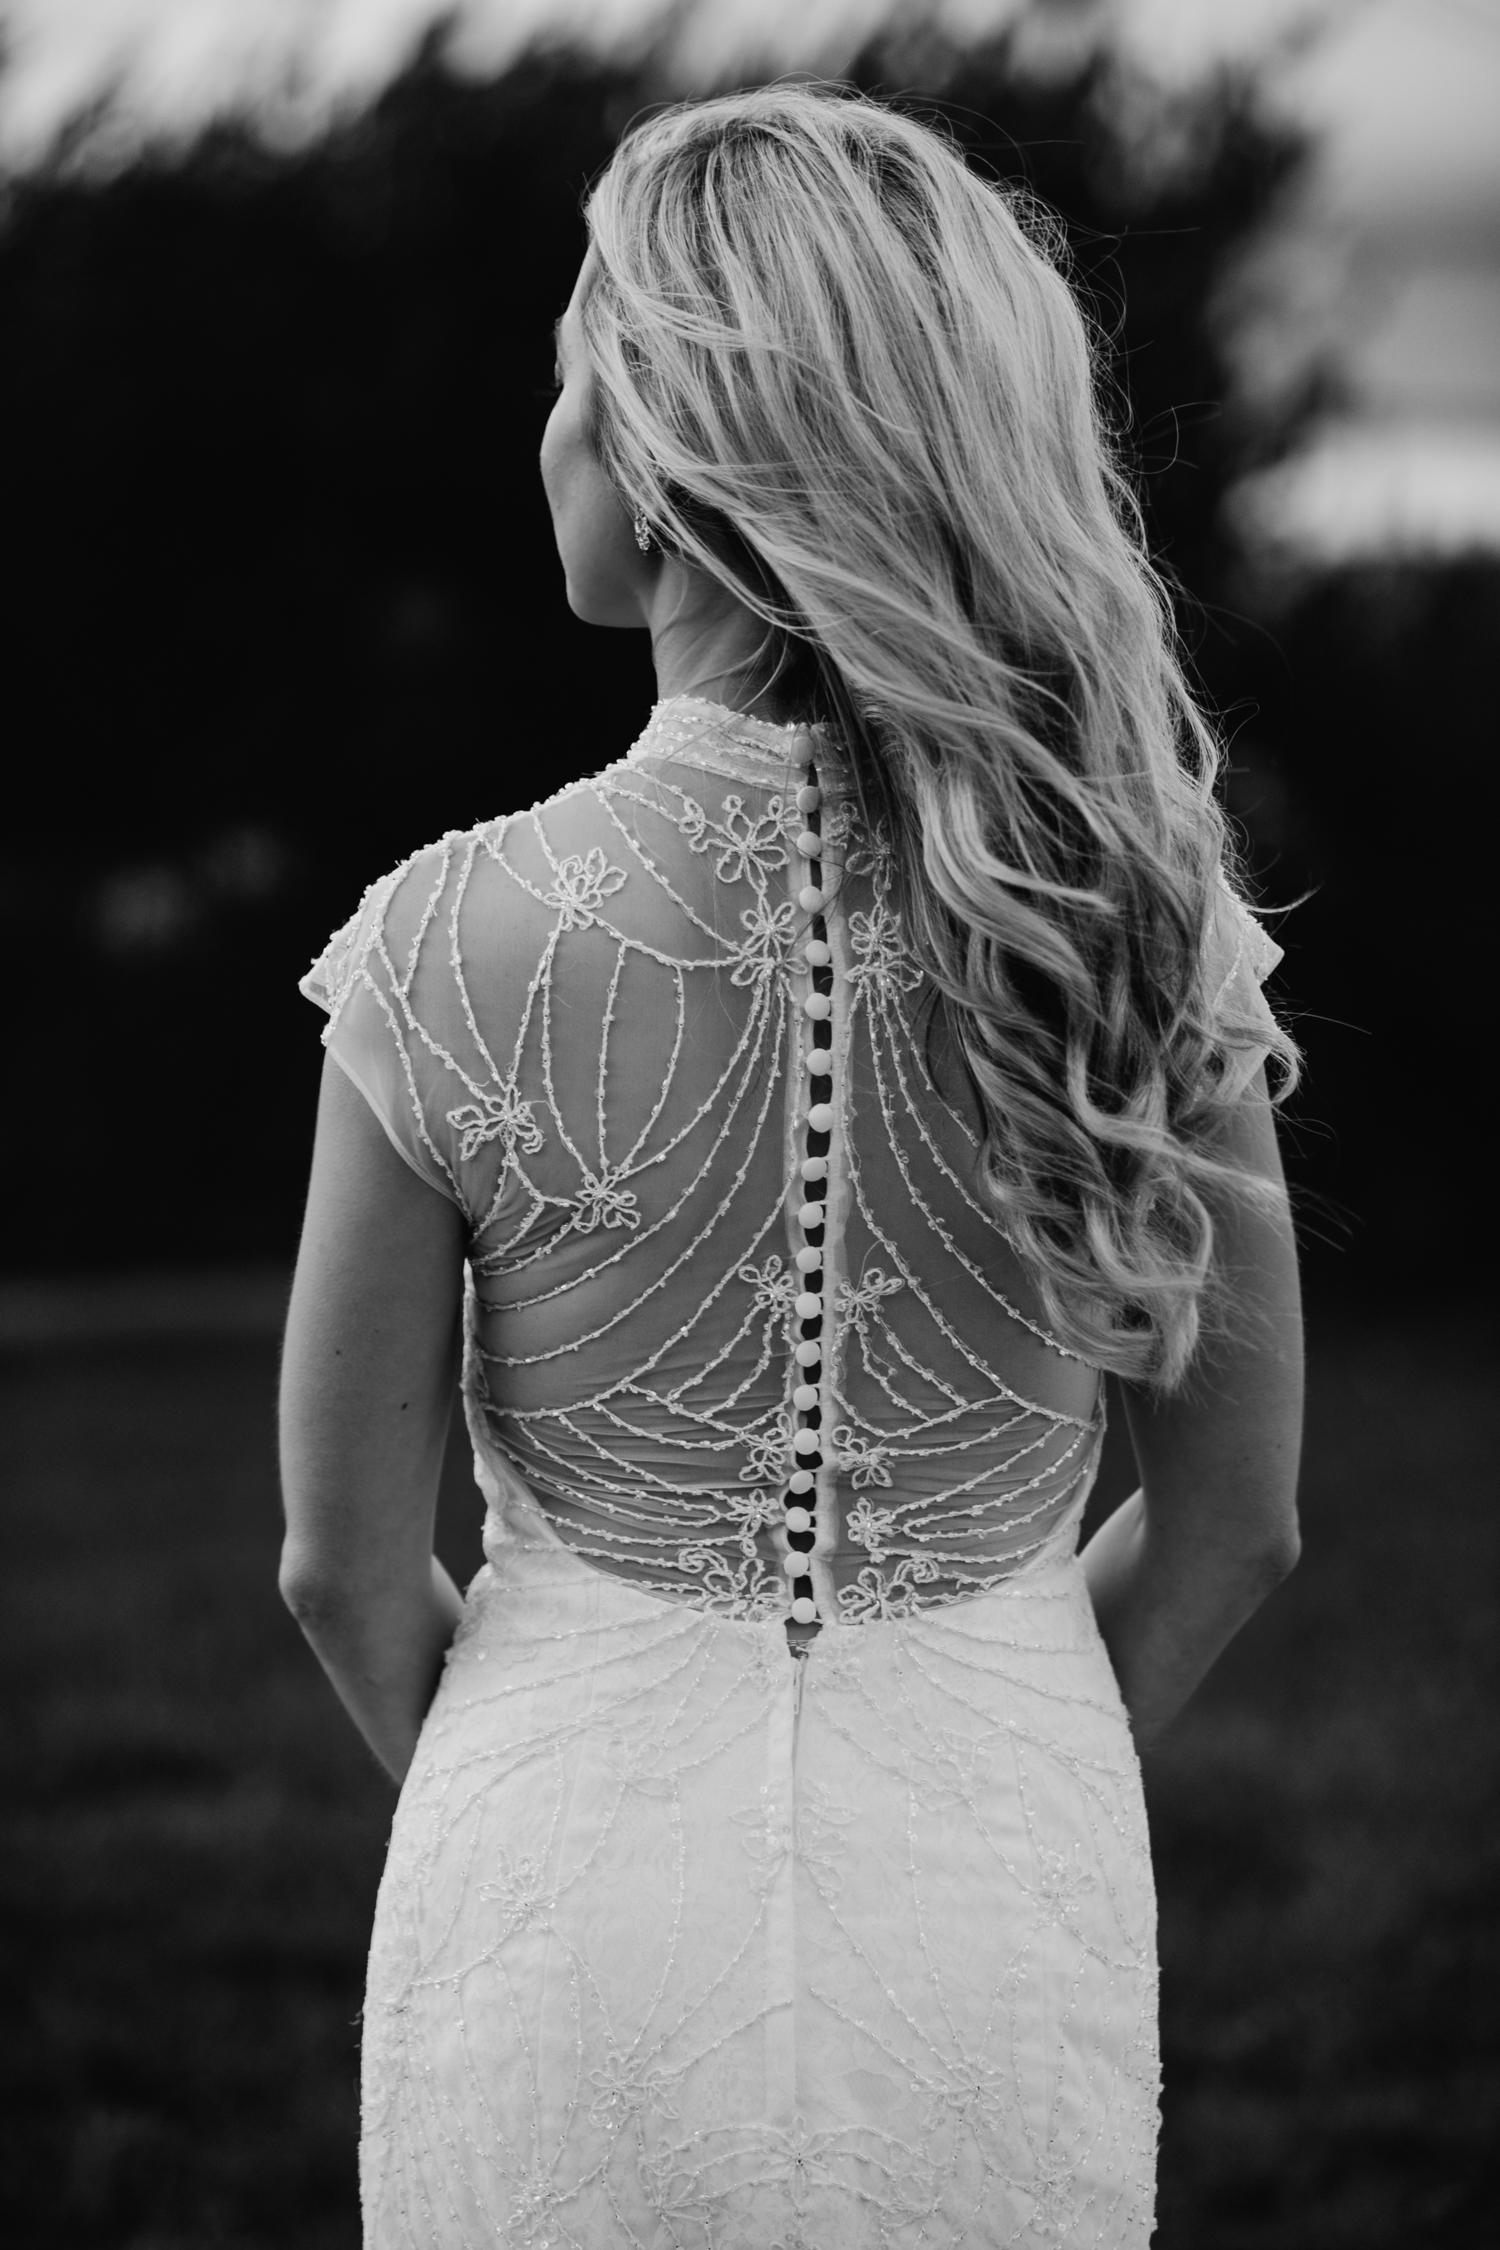 dressdetail_LY.jpg